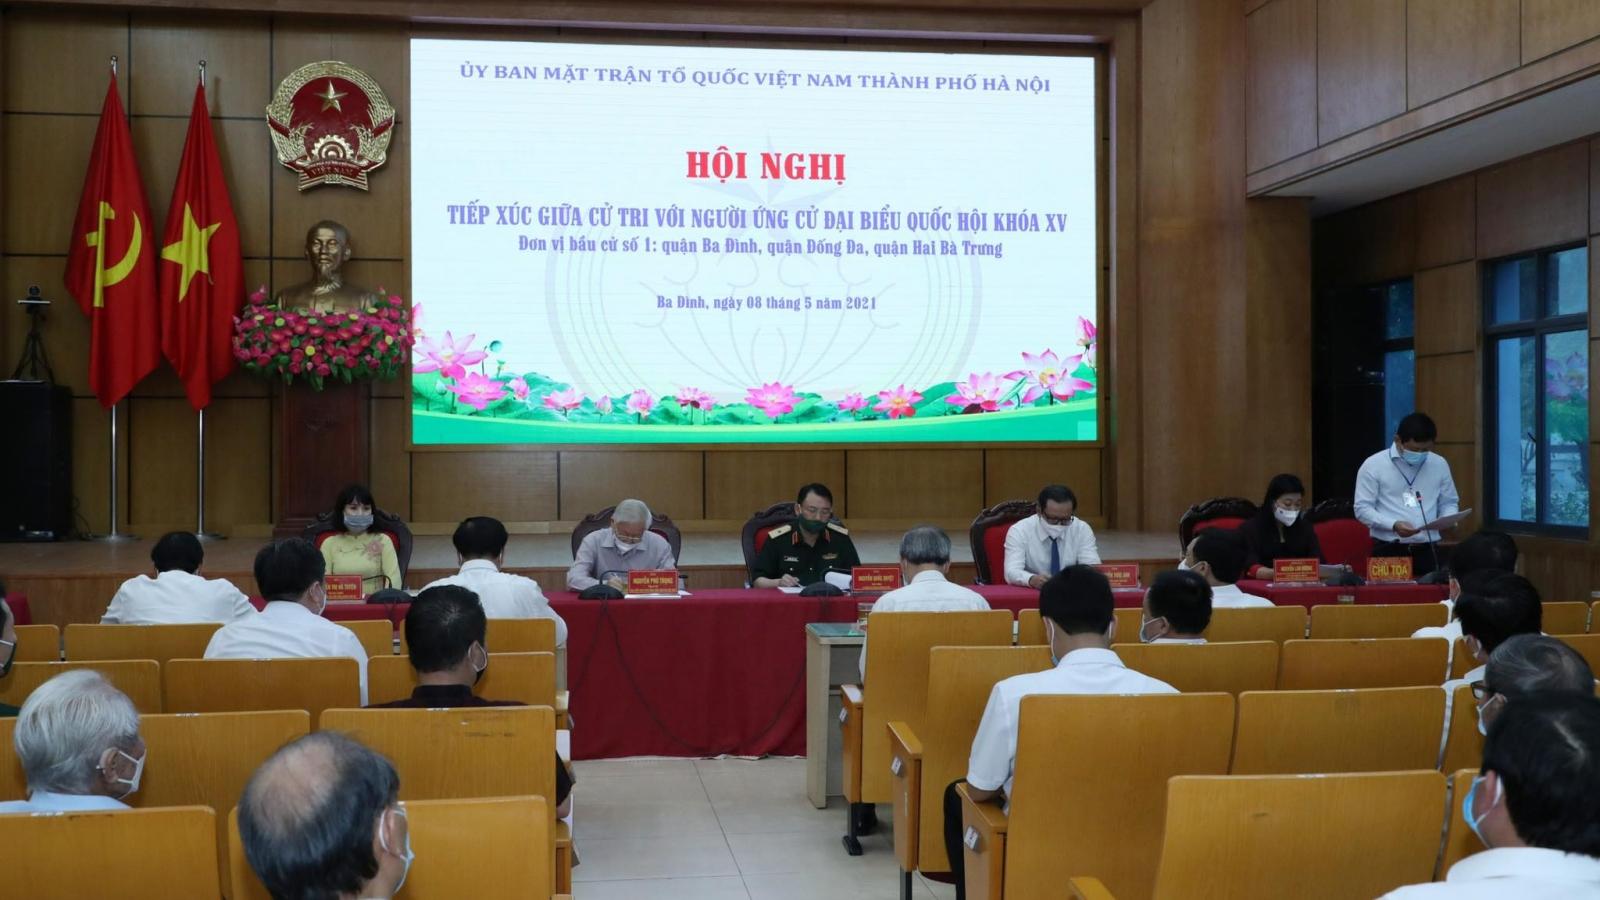 Ứng cử viên ĐBQH đơn vị bầu cử số 1 của Hà Nội gặp mặt cử tri